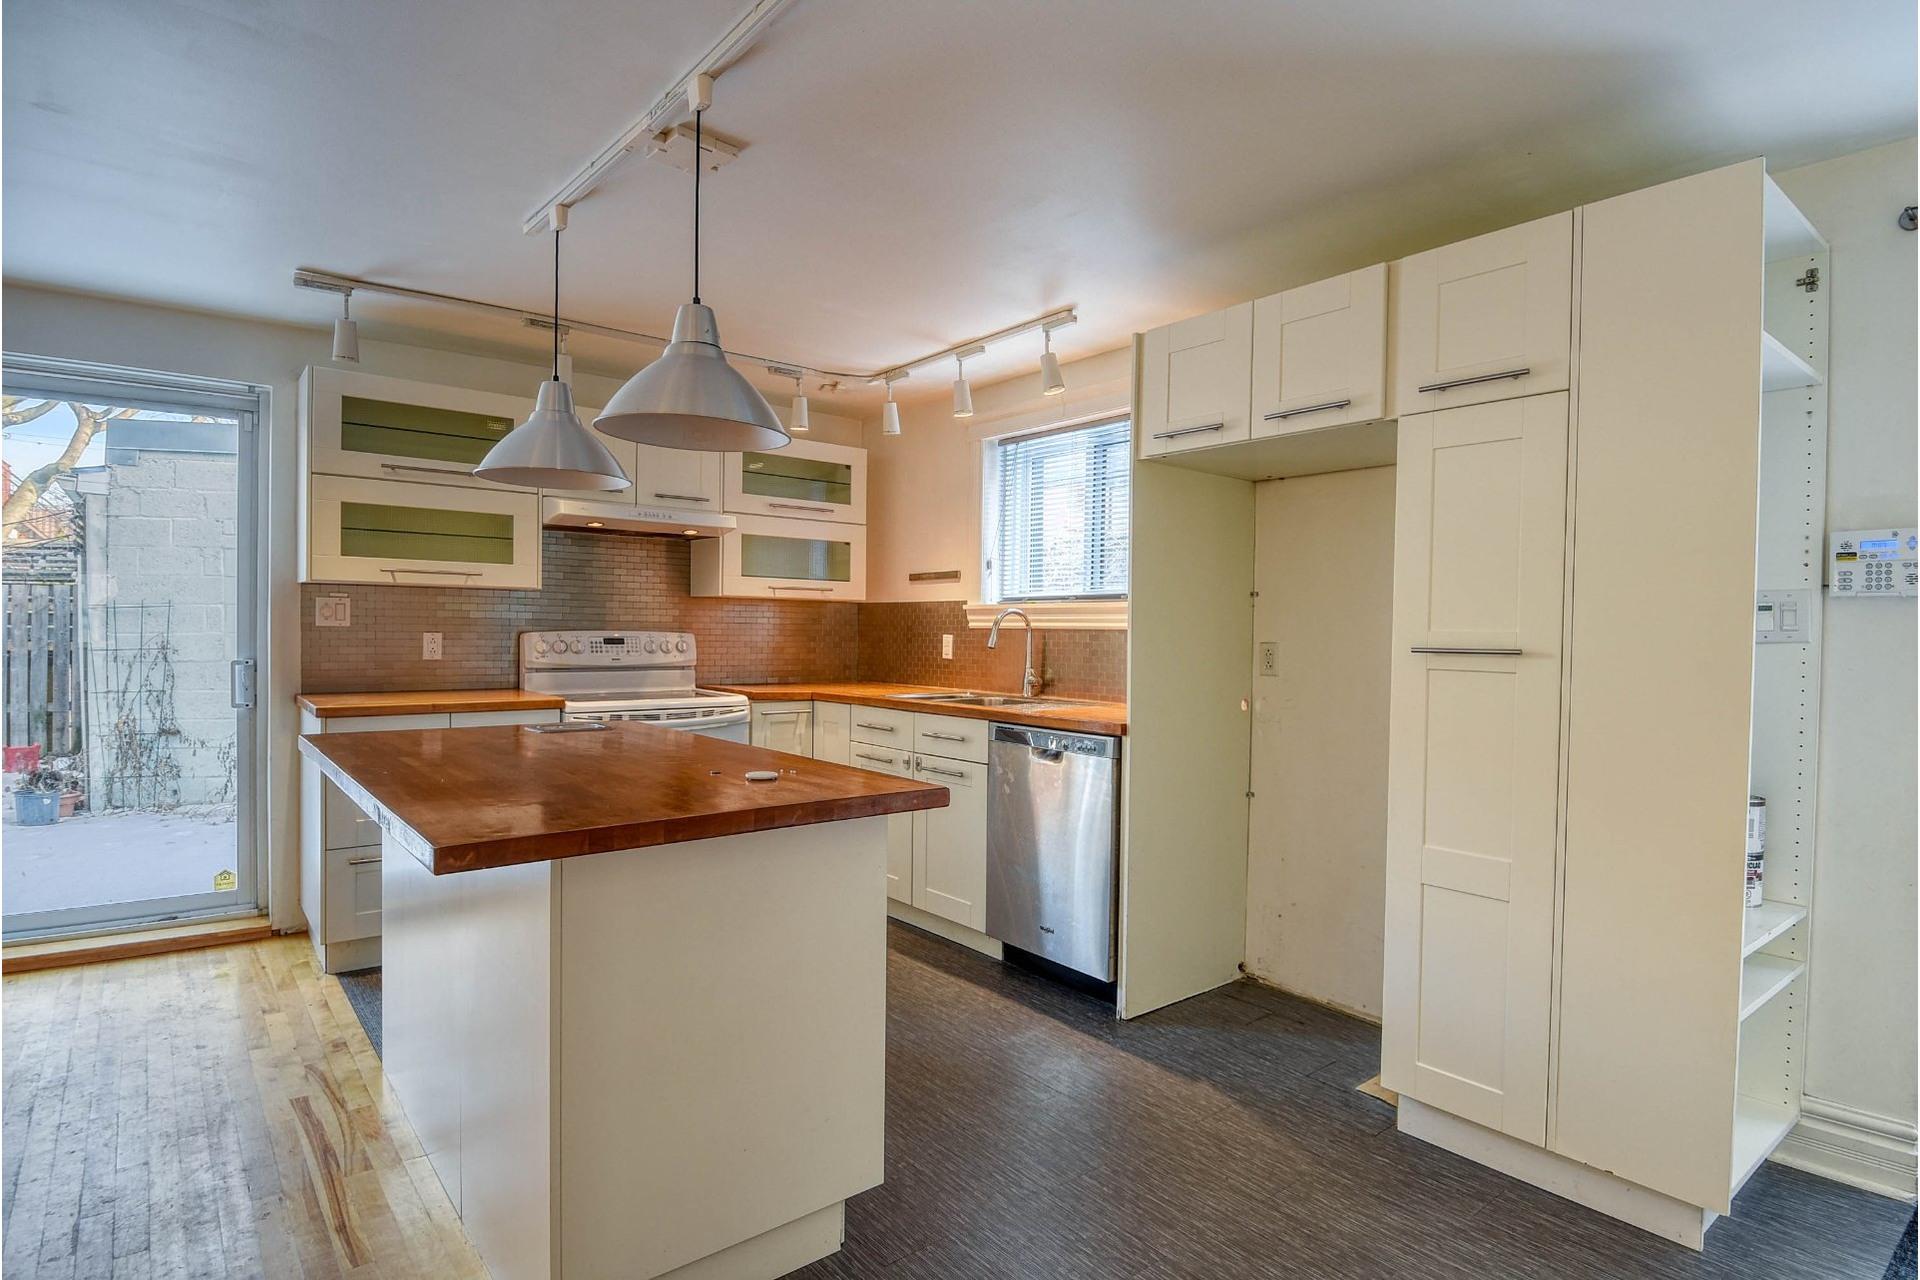 image 13 - Duplex For sale Le Sud-Ouest Montréal  - 5 rooms